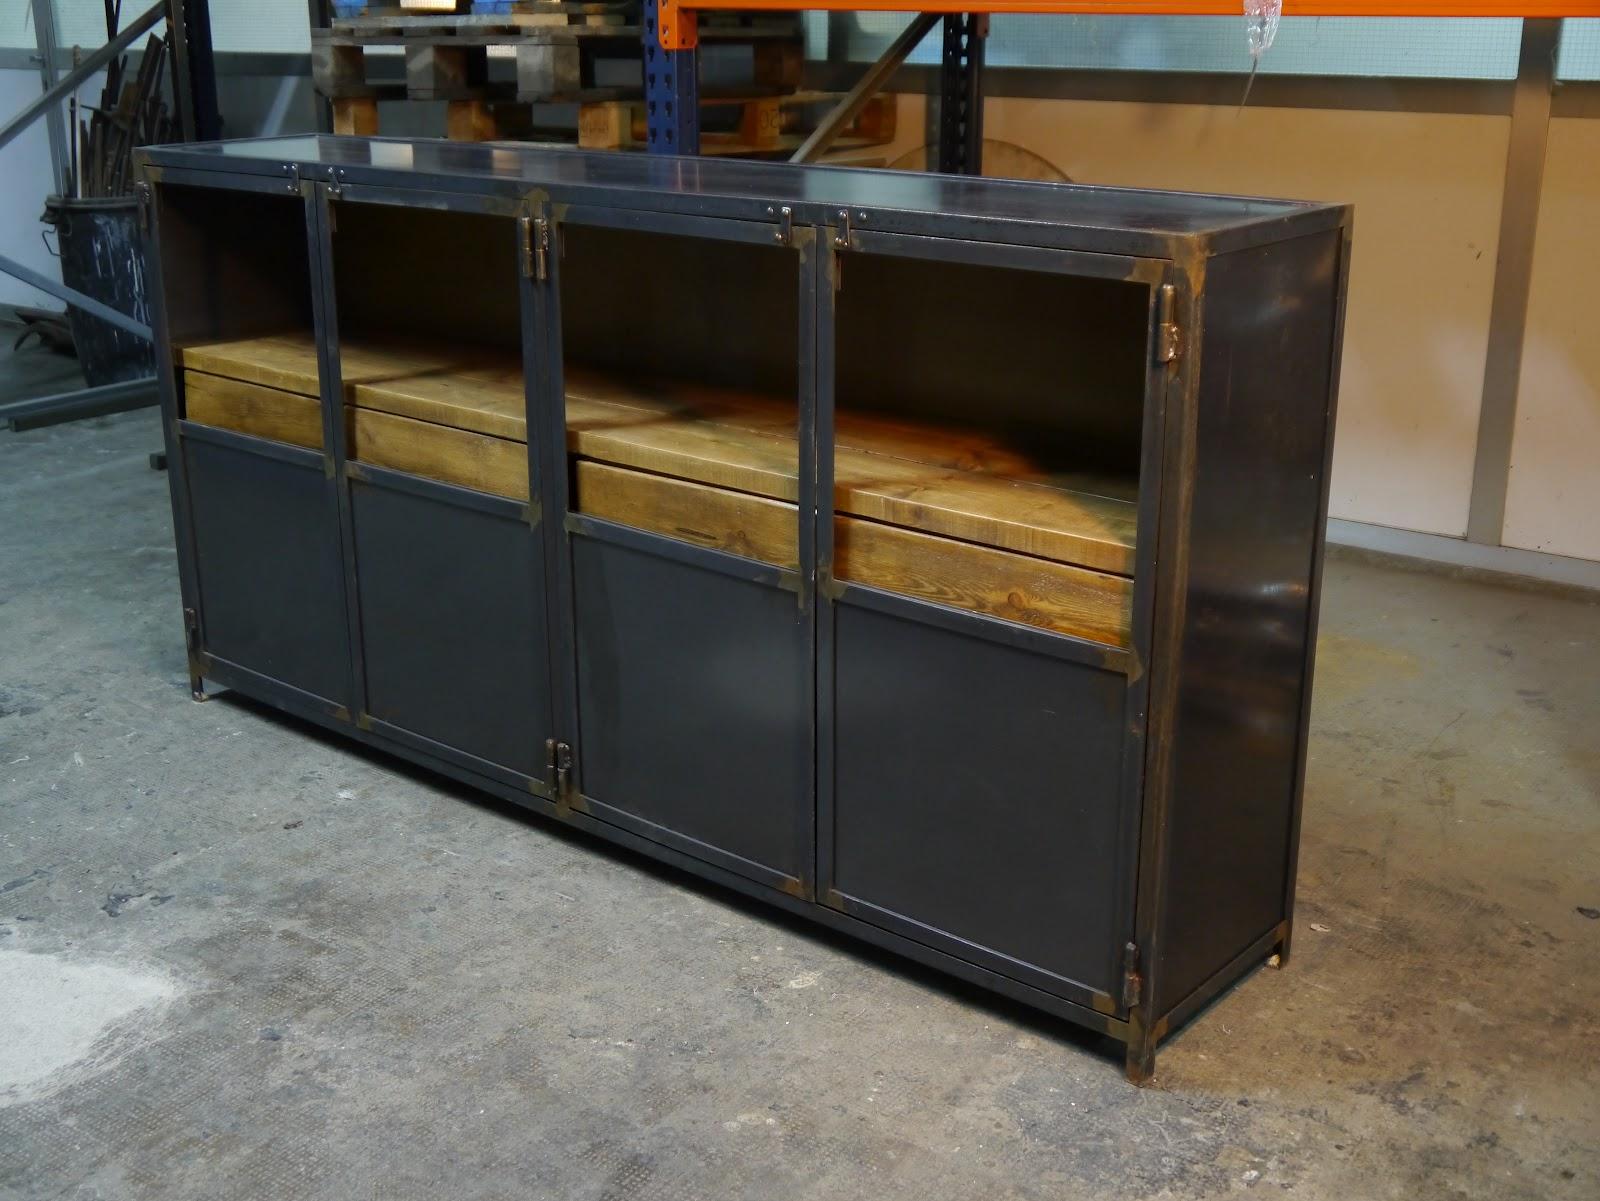 Muebles de estilo industrial y vintage en acero y madera for Muebles de estilo vintage